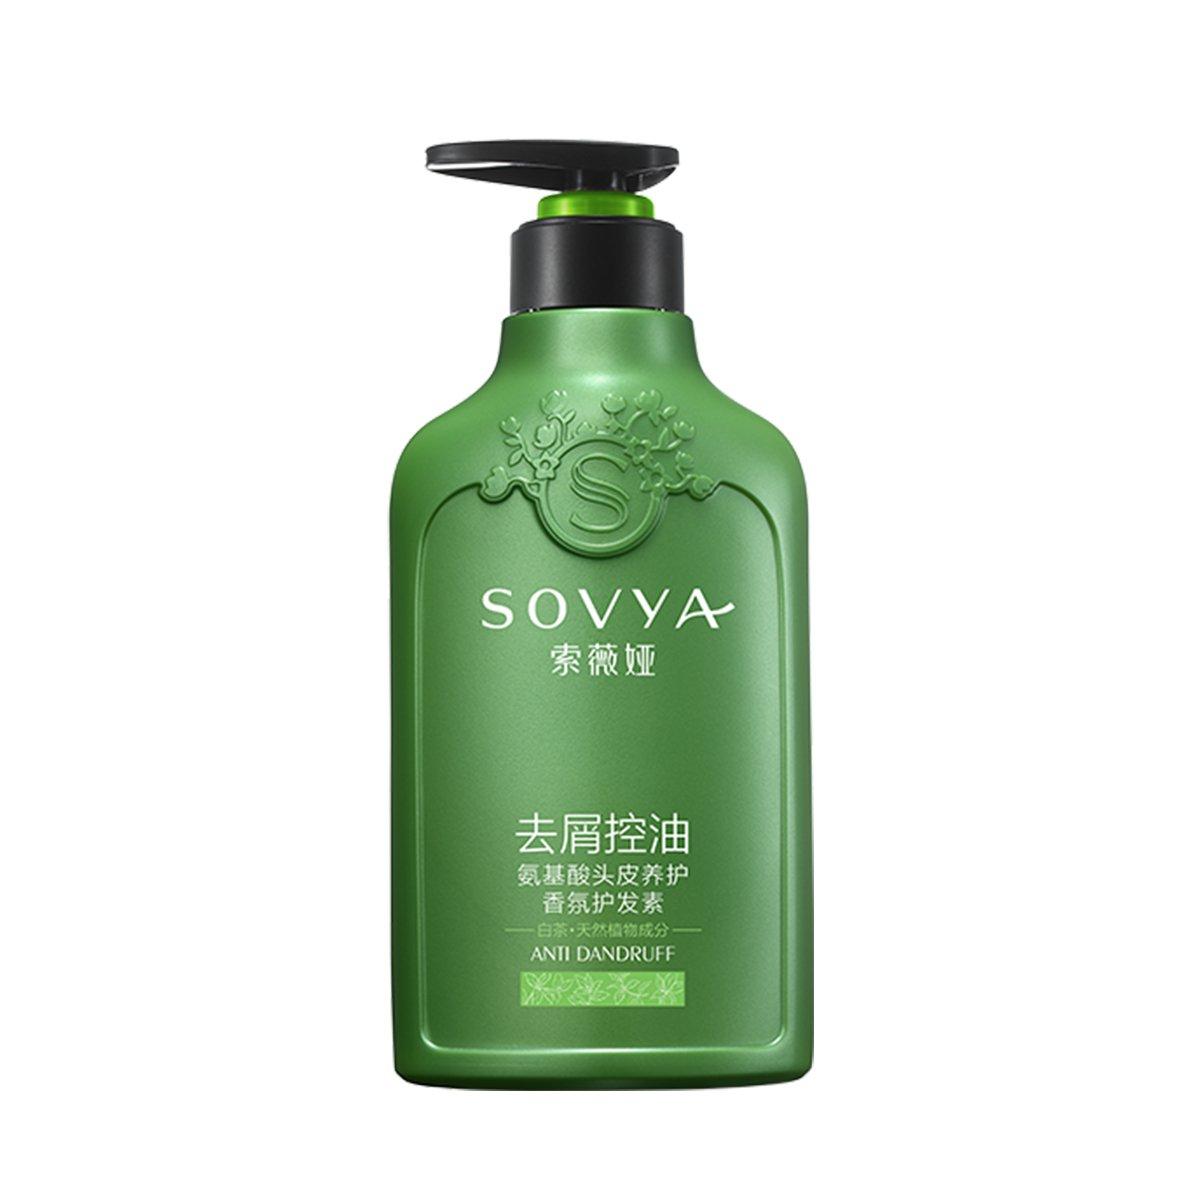 SOVYA 白茶去屑控油氨基酸香氛护发素500ml留香无硅油顺滑不打结